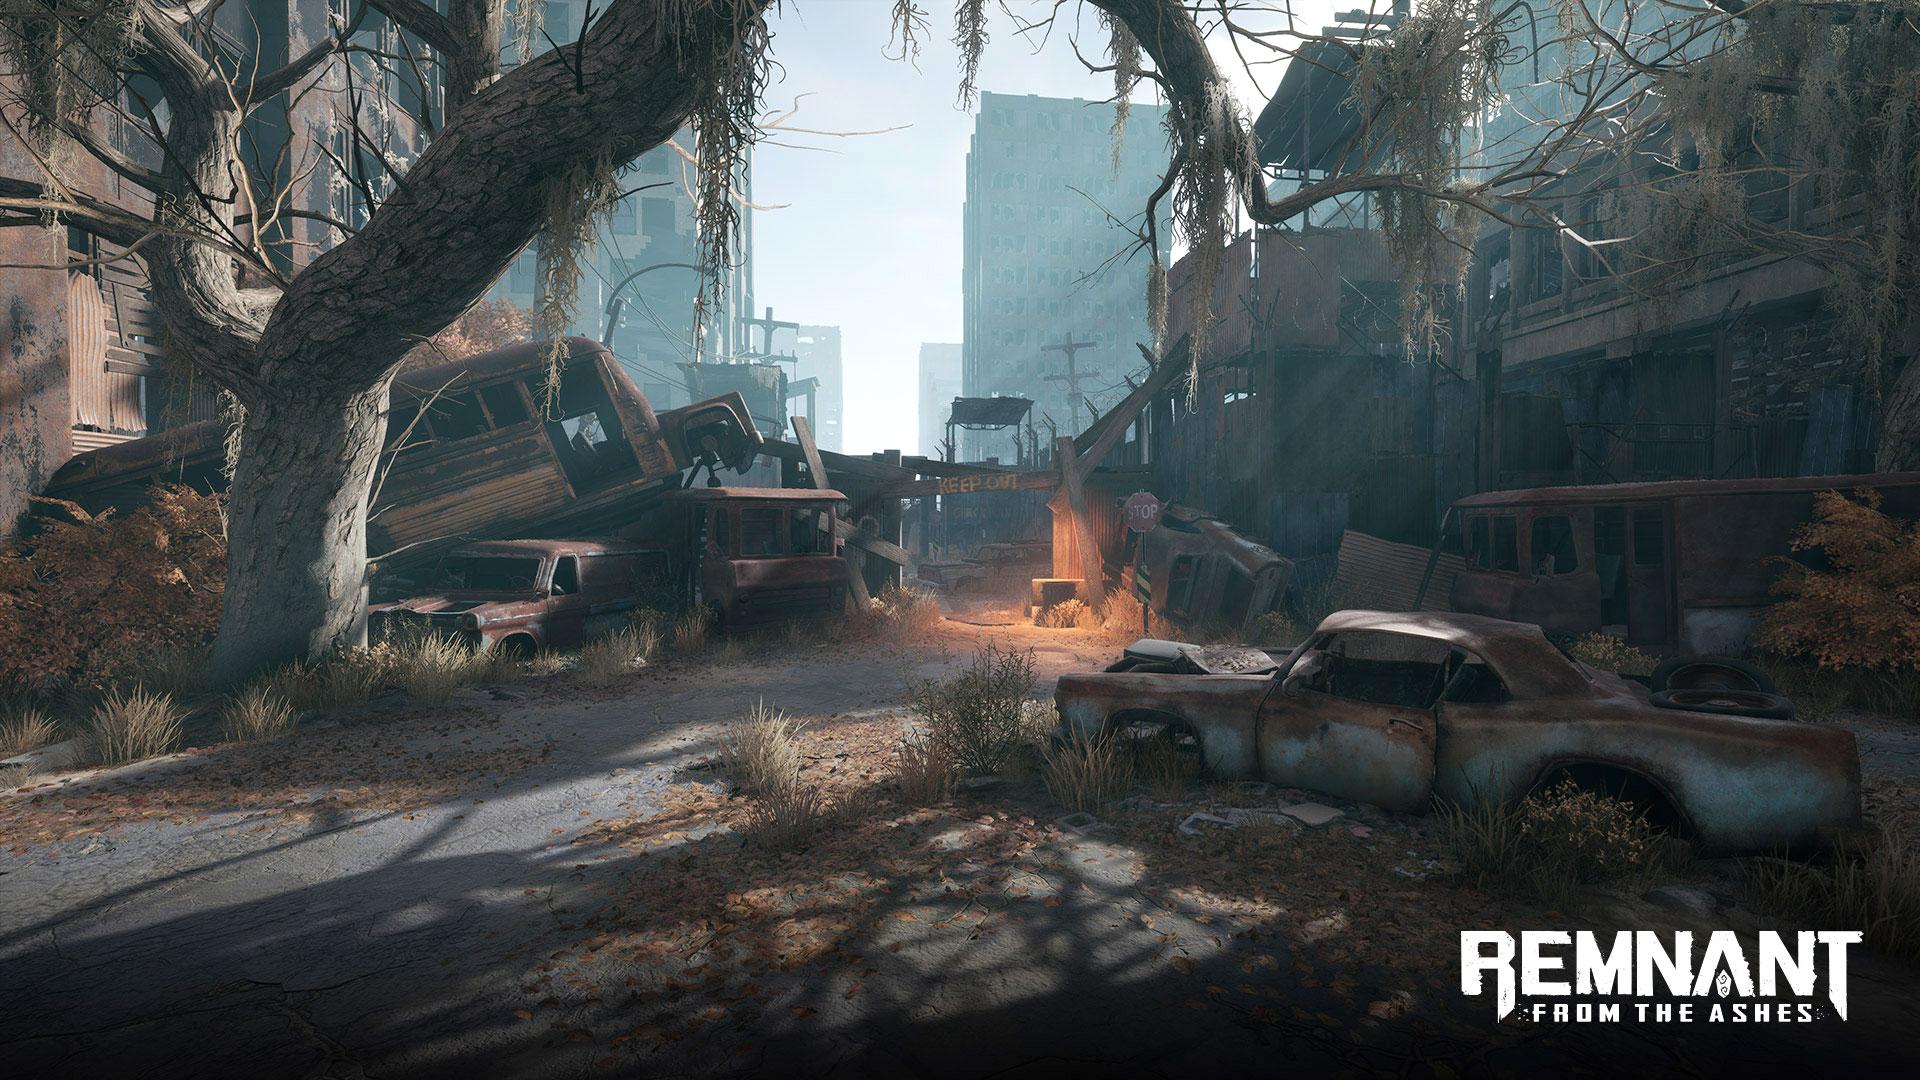 Für die postapokalyptische Spielwelt verspricht Entwickler Gunfire Games eine dynamische Umgebung, die sich abhängig von der Einflussnahme der Spieler immer wieder verändert.